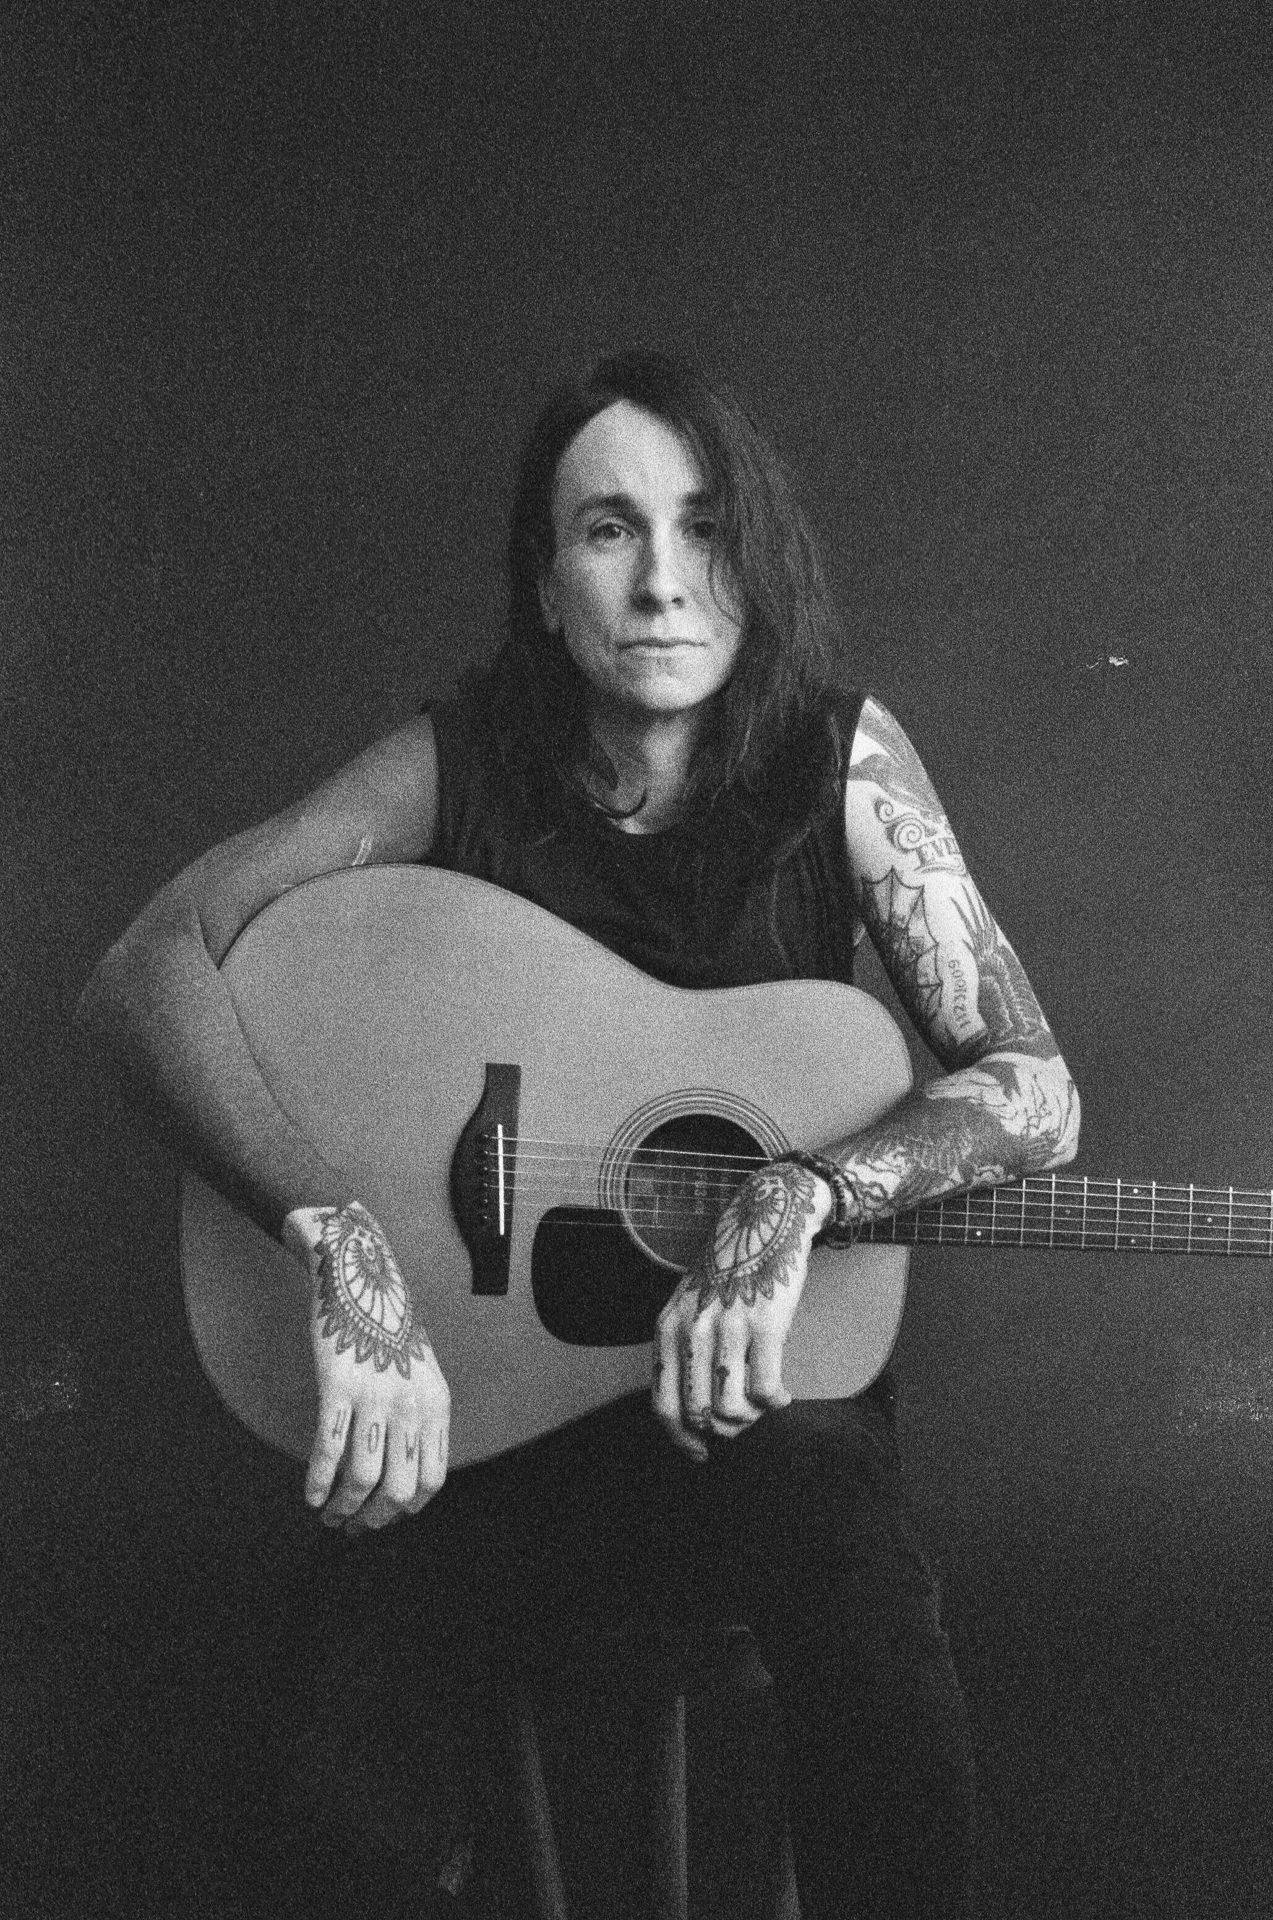 Frauen im Musikbusiness - Laura von AGAINST ME! 2